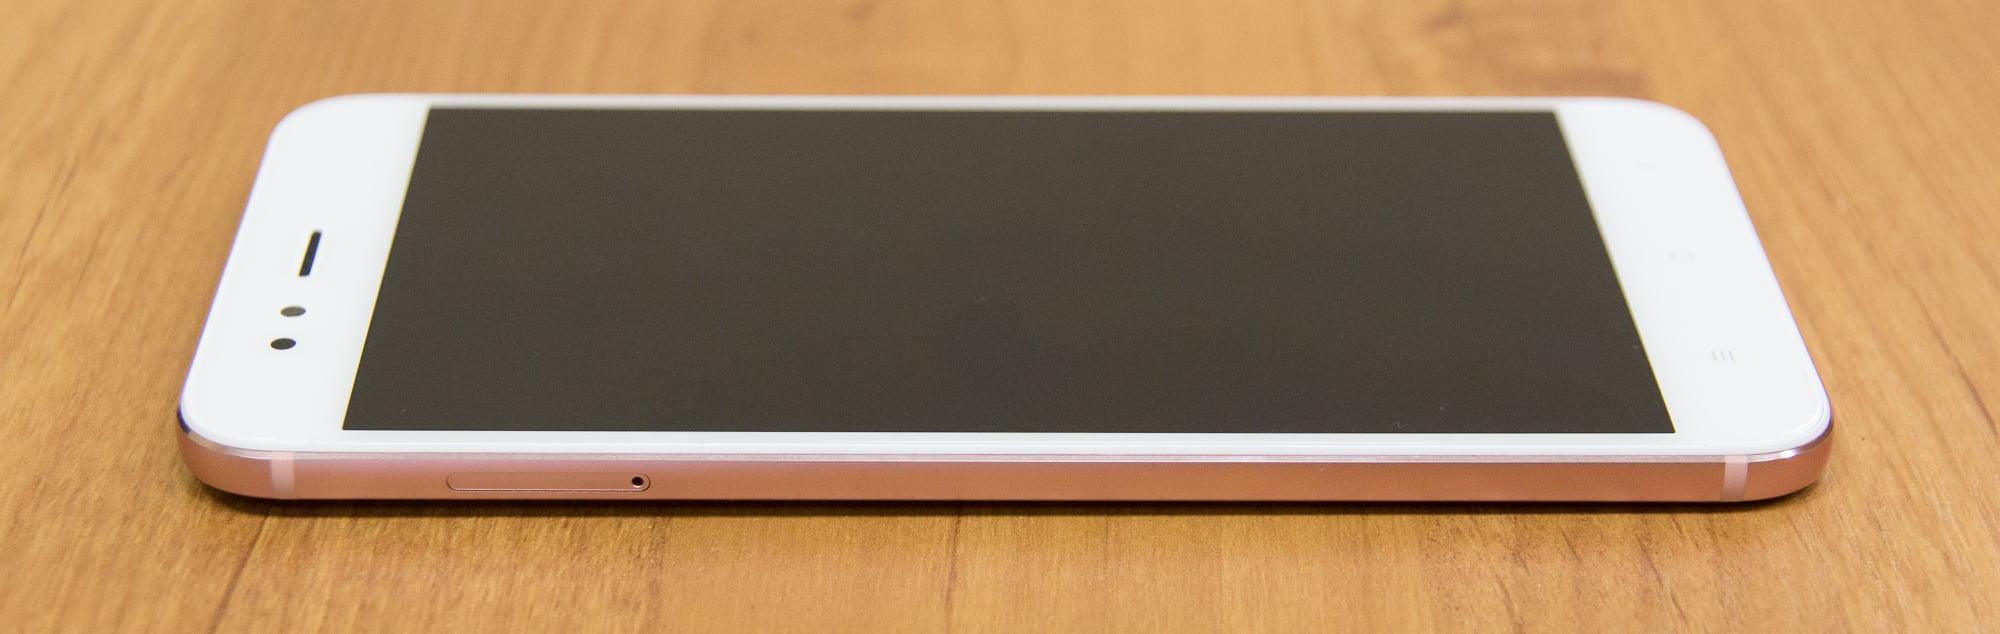 Обзор недорогого смартфона с хорошей для этой цены камерой. Изучаем Xiaomi Mi 5X (он же A1) - 7